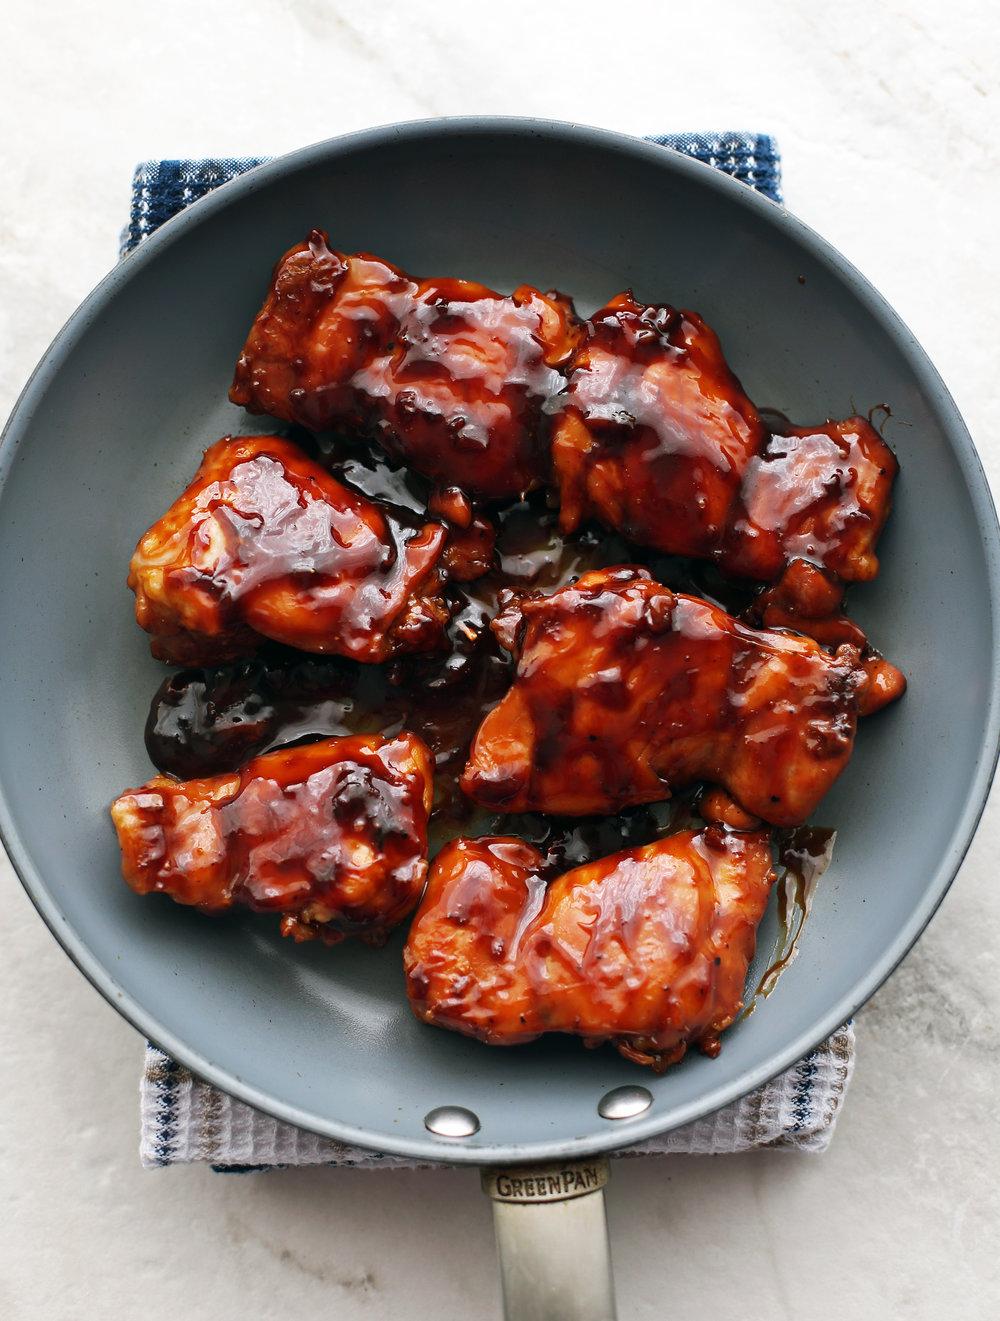 teriyaki-chicken-thighs-in-pan.jpg